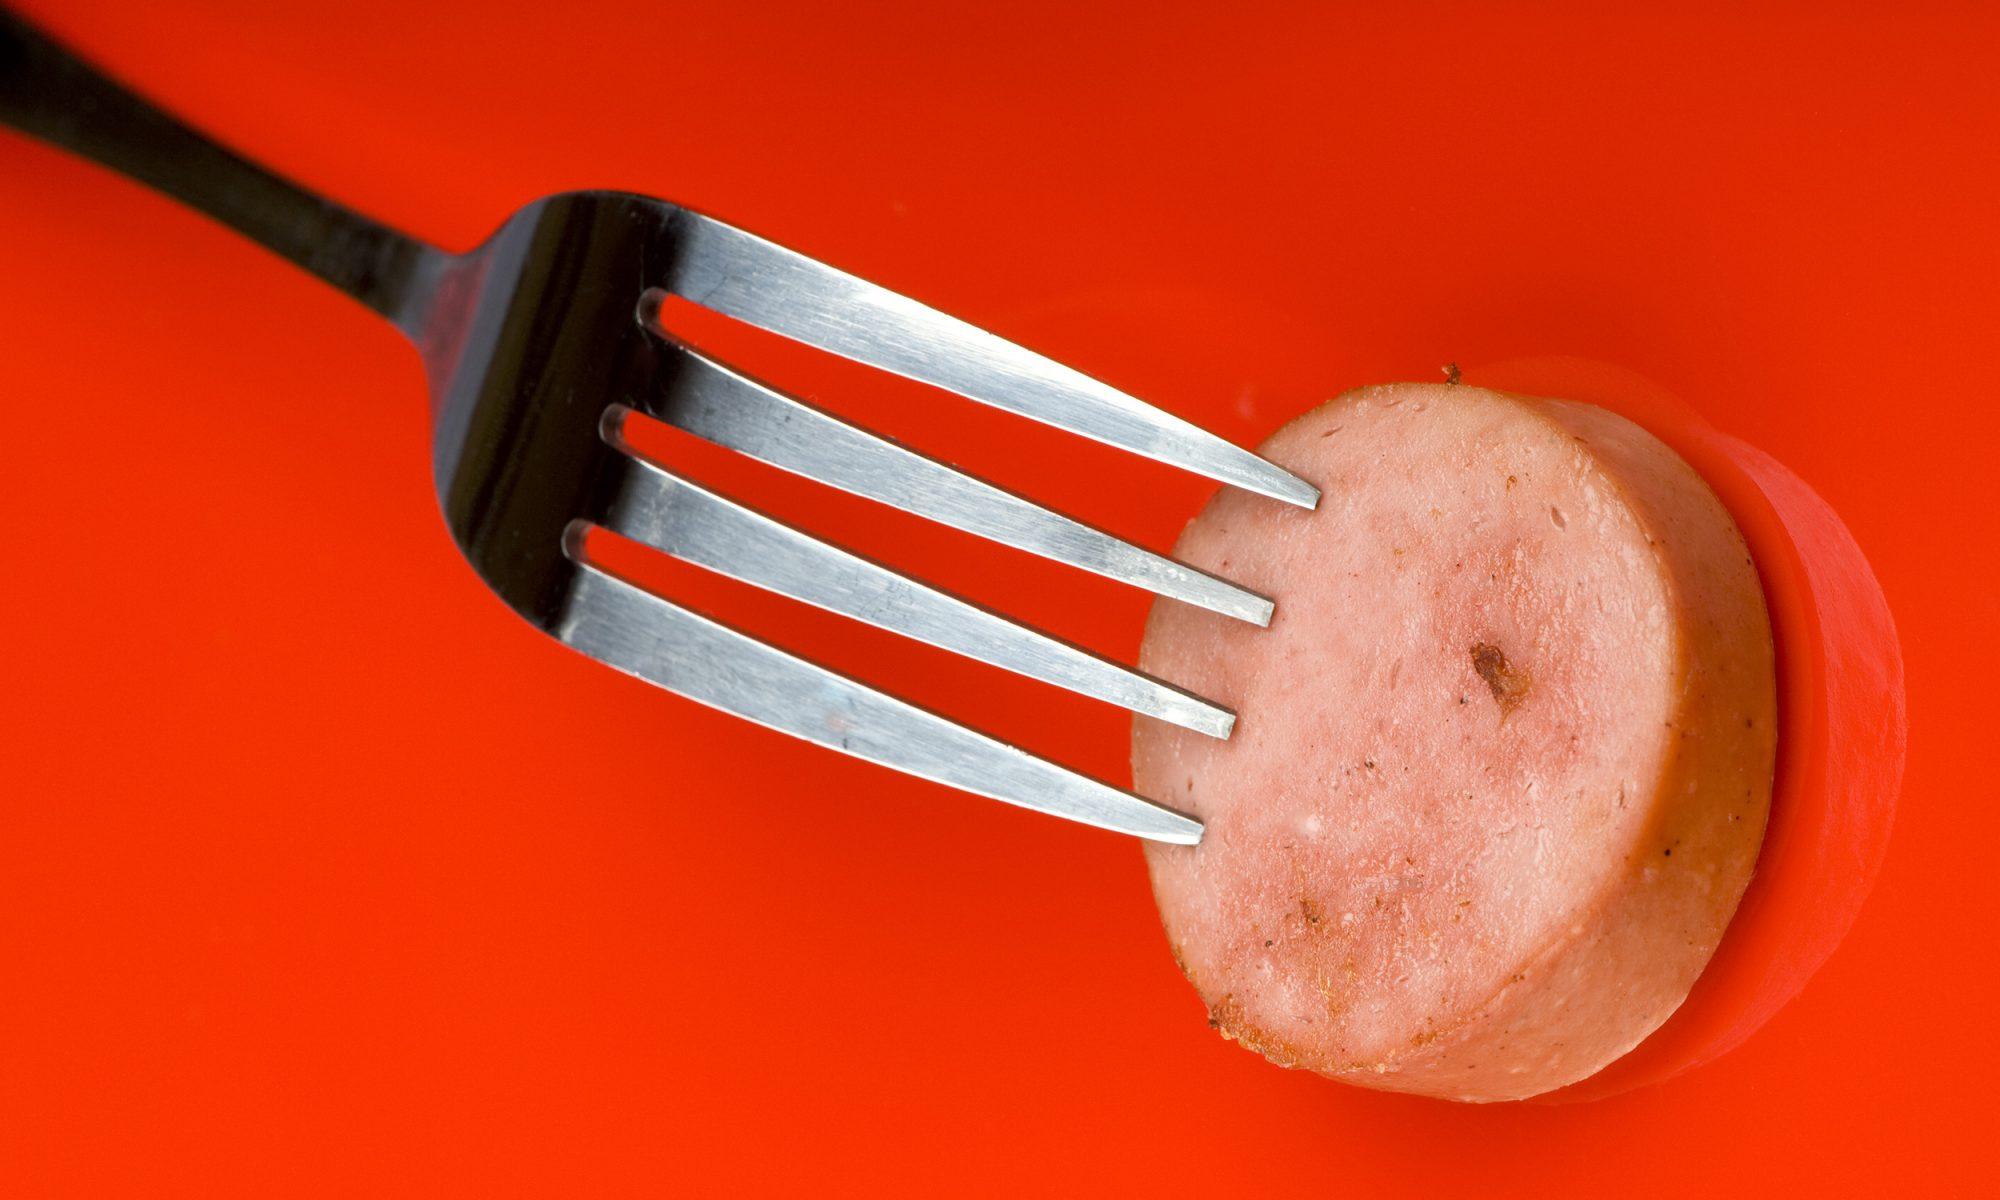 hot dog fork